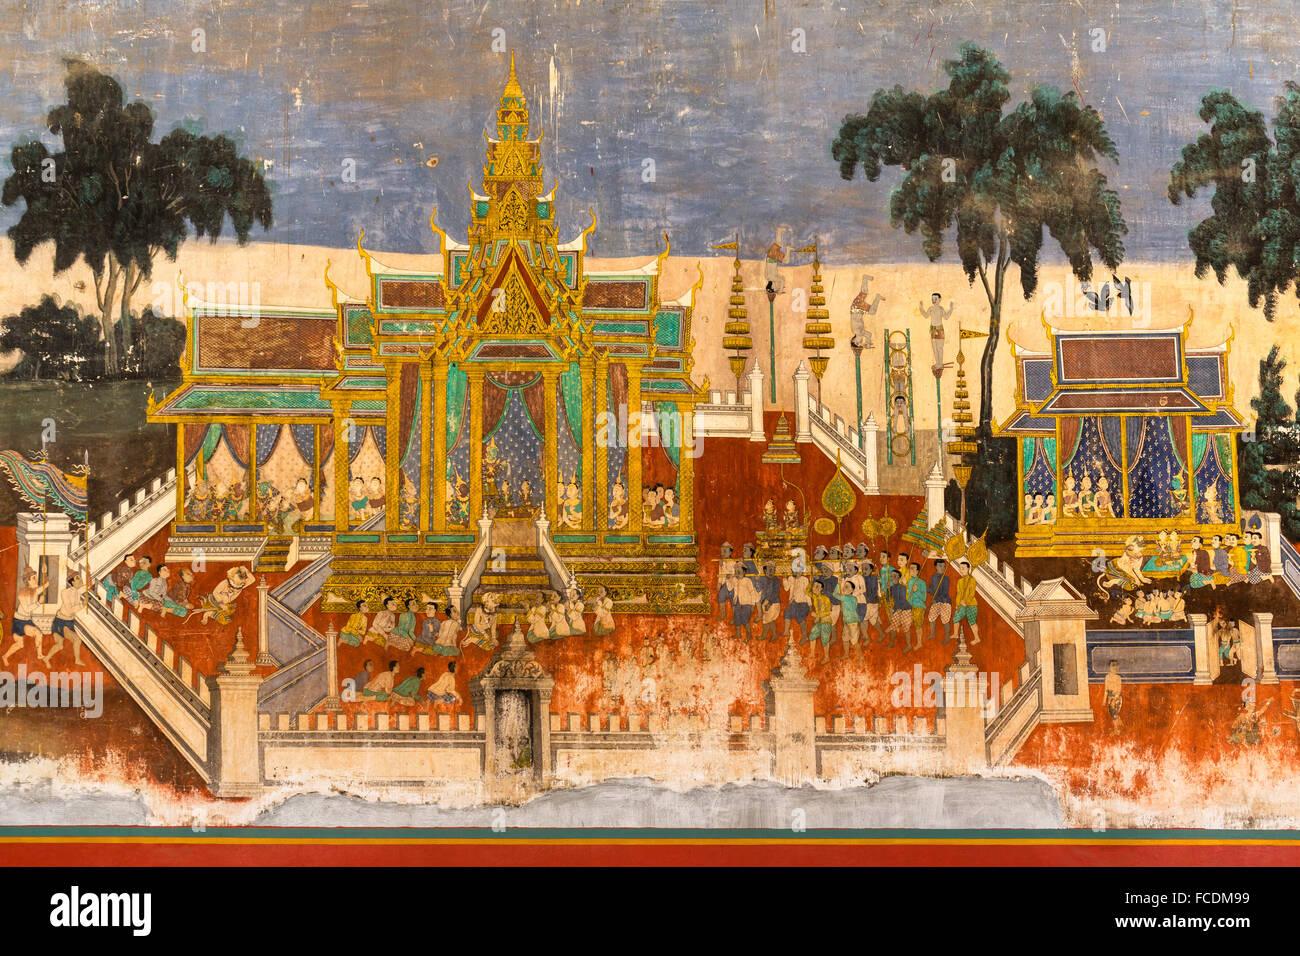 Mural from the Ramayana epic, mural, Silver Pagoda, Royal Palace, Phnom Penh, Cambodia - Stock Image